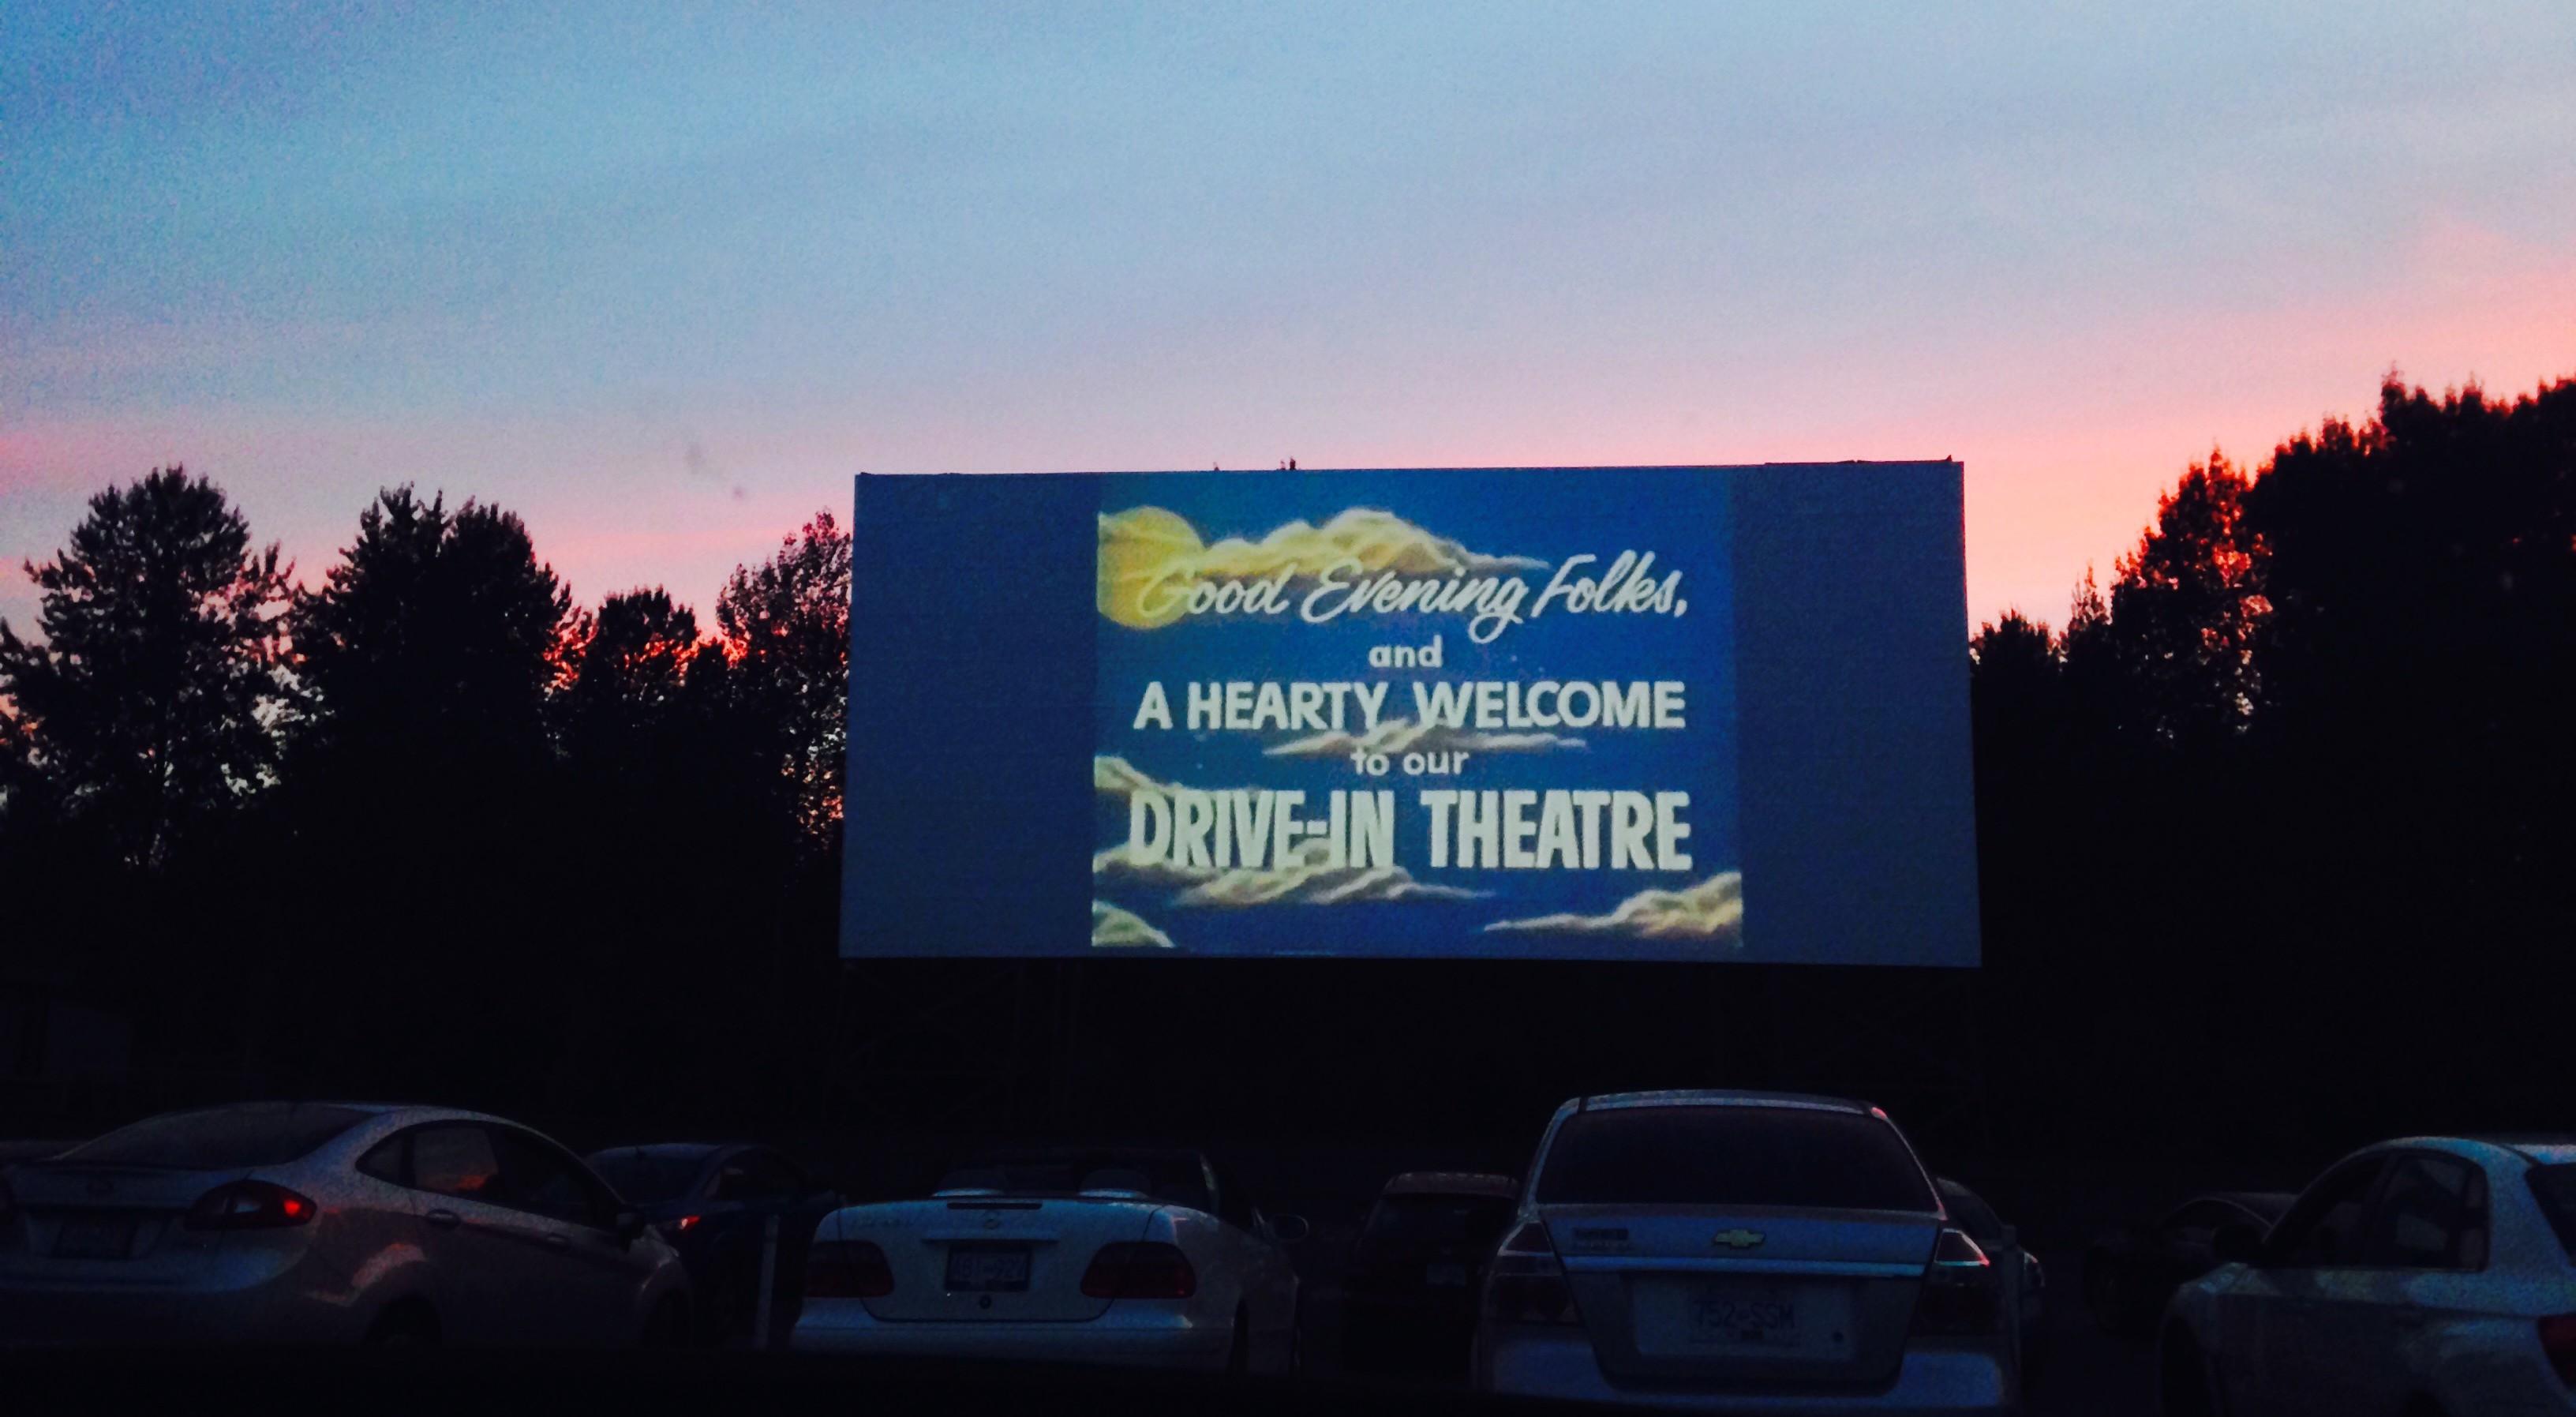 Twilight Drive-In Theatre